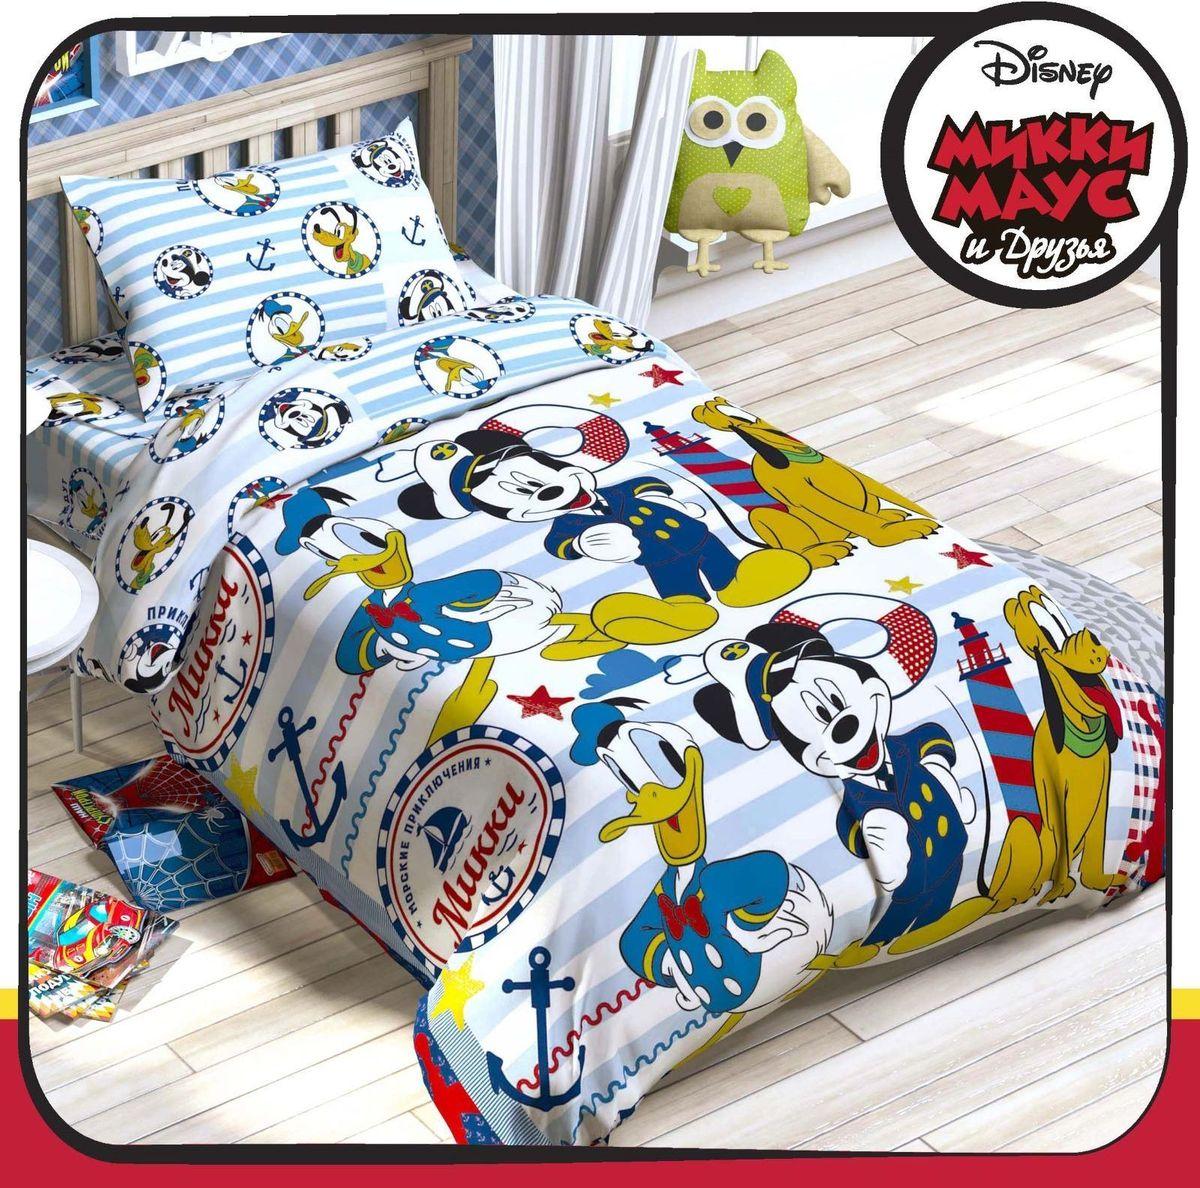 Disney КПБ 1,5 спальное Микки Маус и его друзья Приключения1317318Нежность натурального хлопка и любимые герои Disney. Превратить детскую в настоящую сказочную страну, подарить маленькому поклоннику диснеевских мультфильмов сны, полные удивительных приключений и волшебства, обеспечить ребёнку комфорт и уют на протяжении всей ночи — всё это легко сделать с комплектом «Микки Маус и его друзья: Приключения ждут».Над дизайном этого постельного белья поработала команда настоящих мастеров своего дела! На внешней стороне пододеяльника разместился основной мотив: яркий, динамичный и запоминающийся рисунок, дополненный надписями на русском языке. В качестве основы для наволочек, простыни и внутренней стороны пододеяльника используется светлая ткань-компаньон: принт здесь более спокойный, но не менее красивый.Ребёнок будет в восторге!А заботливых родителей порадует качество. Бельё изготовлено на современном оборудовании в России под тщательным контролем на каждой стадии производства. В работе использовался только натуральный, экологически чистый хлопок и безопасные европейские красители. Именно поэтому комплект:невероятно приятный на ощупь, подходит для детей с чувствительной кожей;позволяет коже дышать;отлично впитывает влагу;не вызывает аллергию;прост в уходе и долговечен.В комплект входит: пододеяльник (143 х 215 см), простыня (150 х 214 см) и одна наволочка (50 х 70 см).При соблюдении простых рекомендаций по уходу за изделием постельное бельё прослужит длительный срок, сохранив яркость красок и нежность ткани. Стирать изделия нужно при температуре не выше сорока градусов без использования отбеливающих средств. Гладить — при температуре не более 150 °C. Химчистка запрещена.